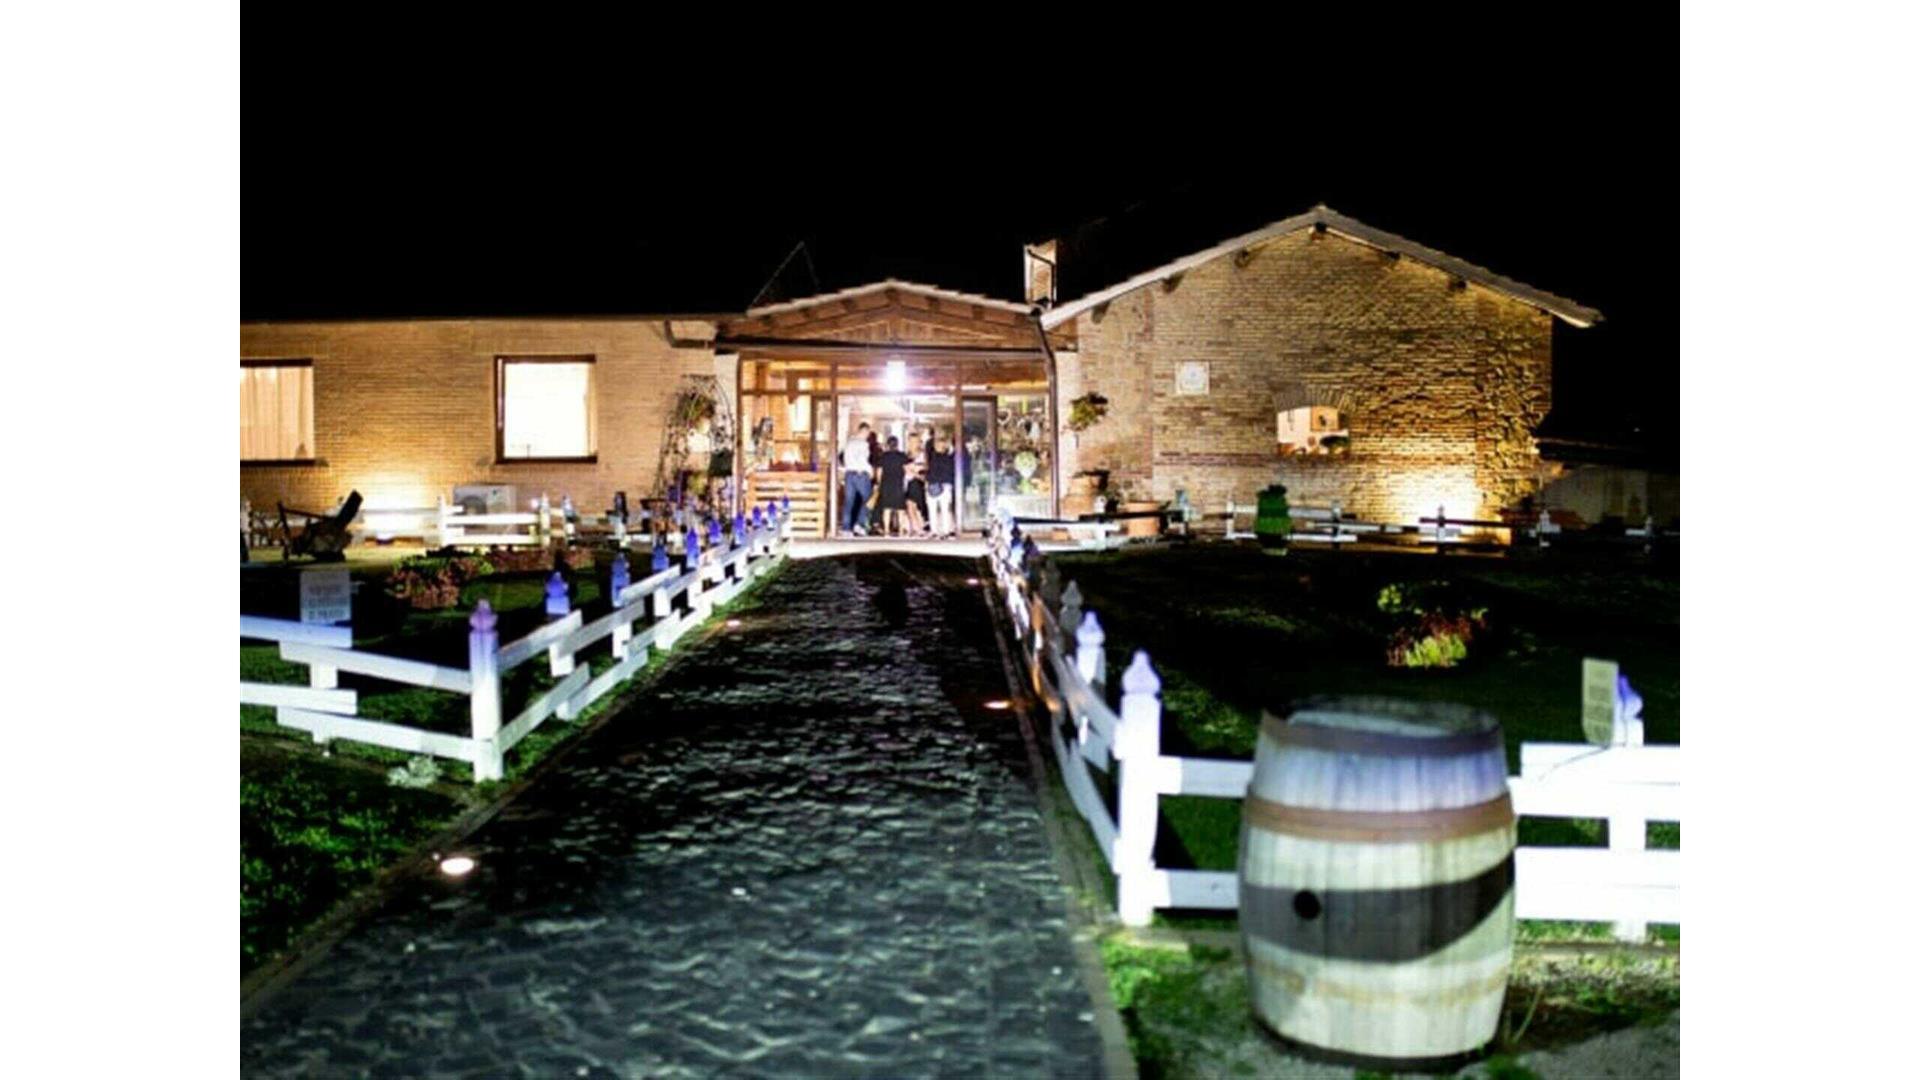 Matrimonio Country Chic Basilicata : Matrimonio a country chic resort il borgo ariccia